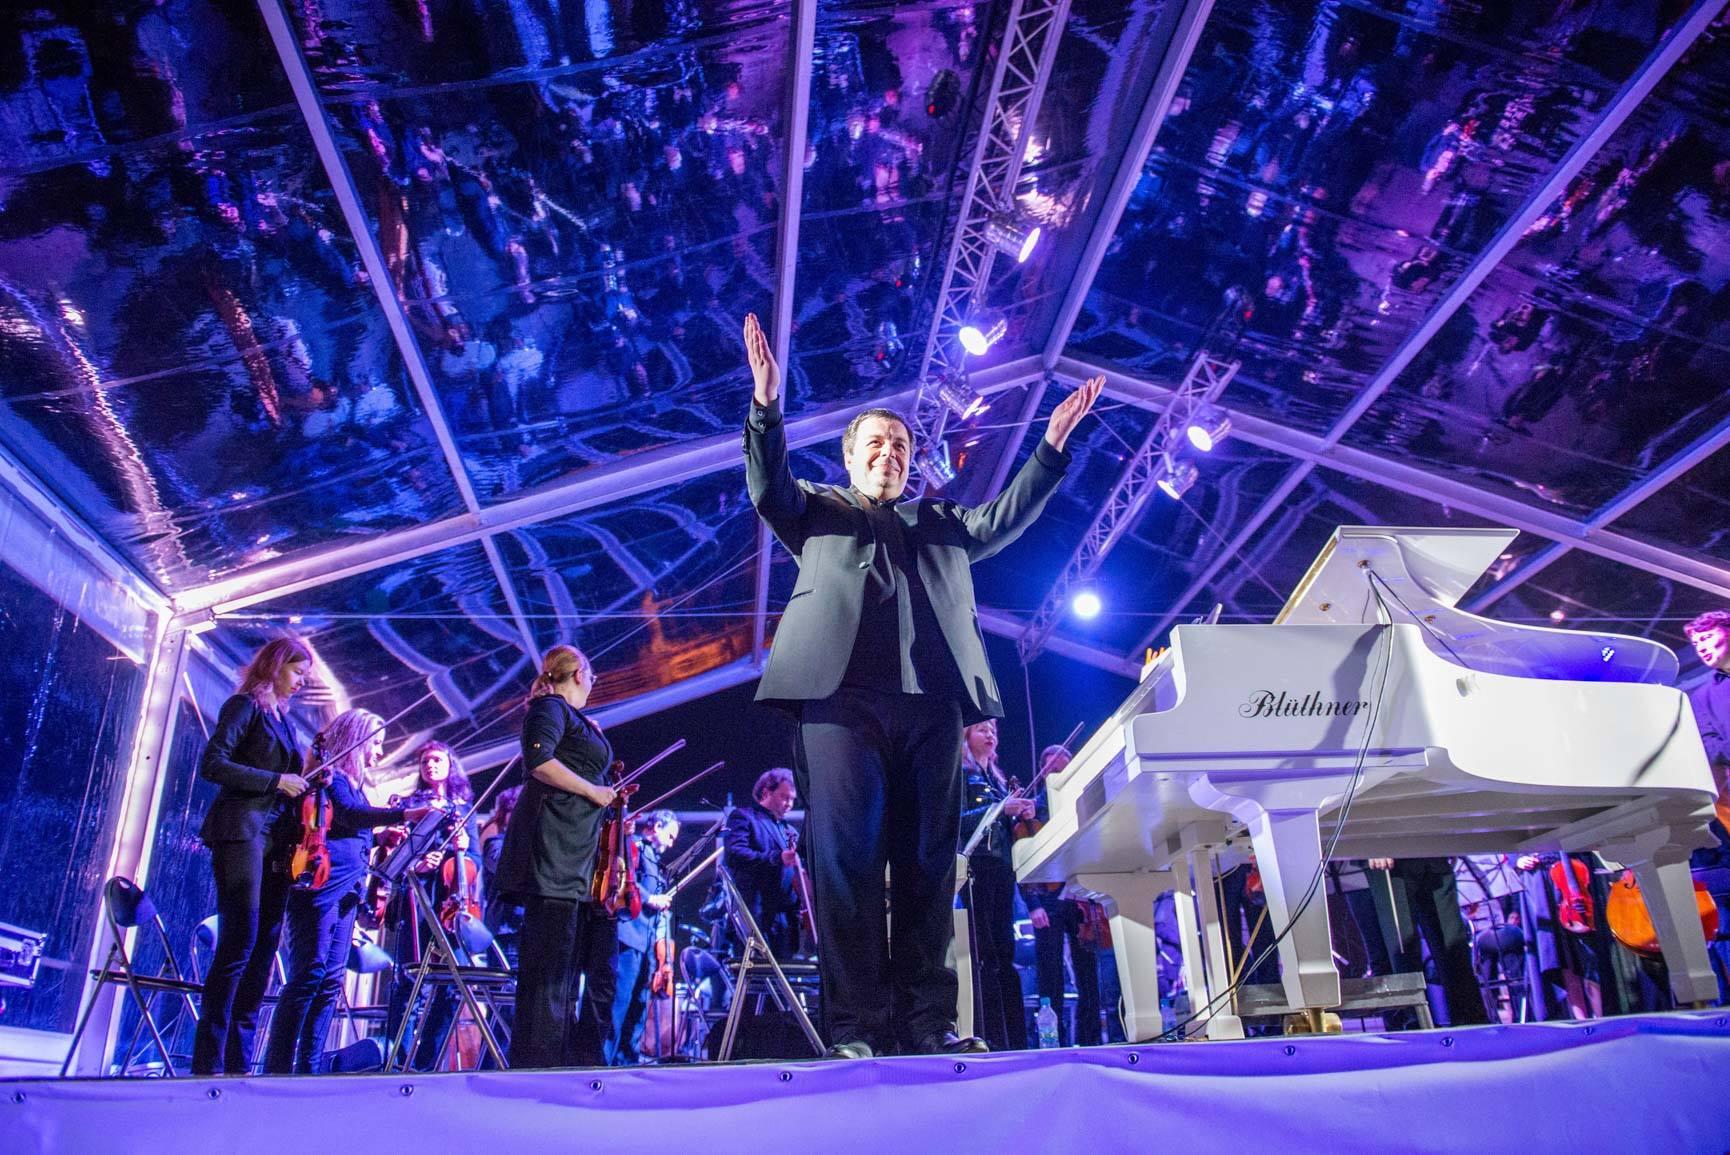 Музично-мистецький проект Олексія Ботвінова до святкування 30-річчя Незалежності України: грандіозні концерти просто неба на унікальних локаціях-Фото 1